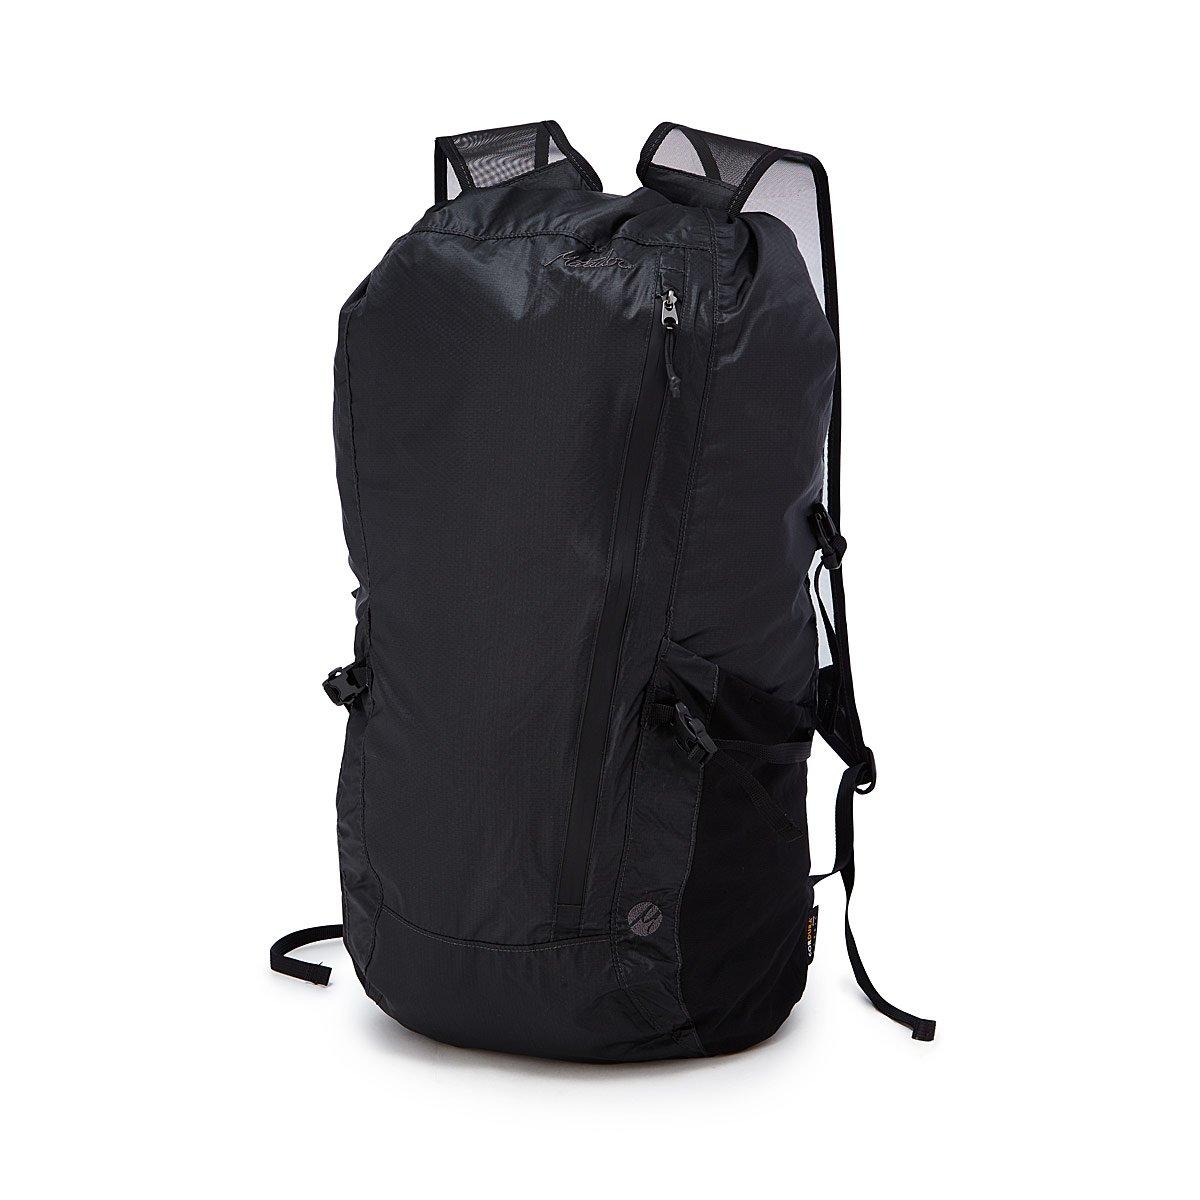 Waterproof Pack-able Backpack | Waterproof Backpack, Ultralight ...